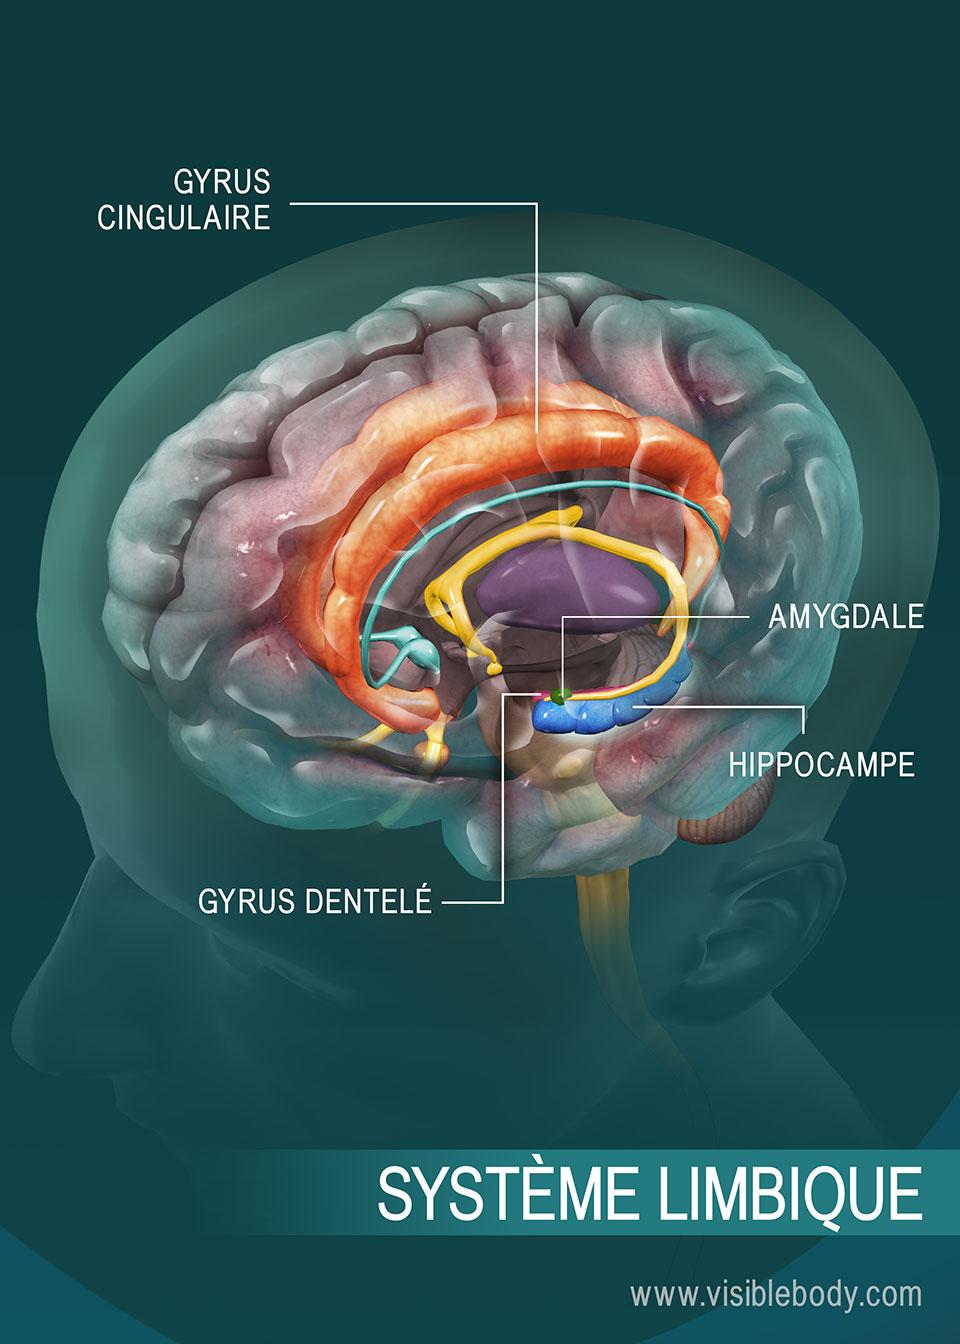 Aperçu du système limbique